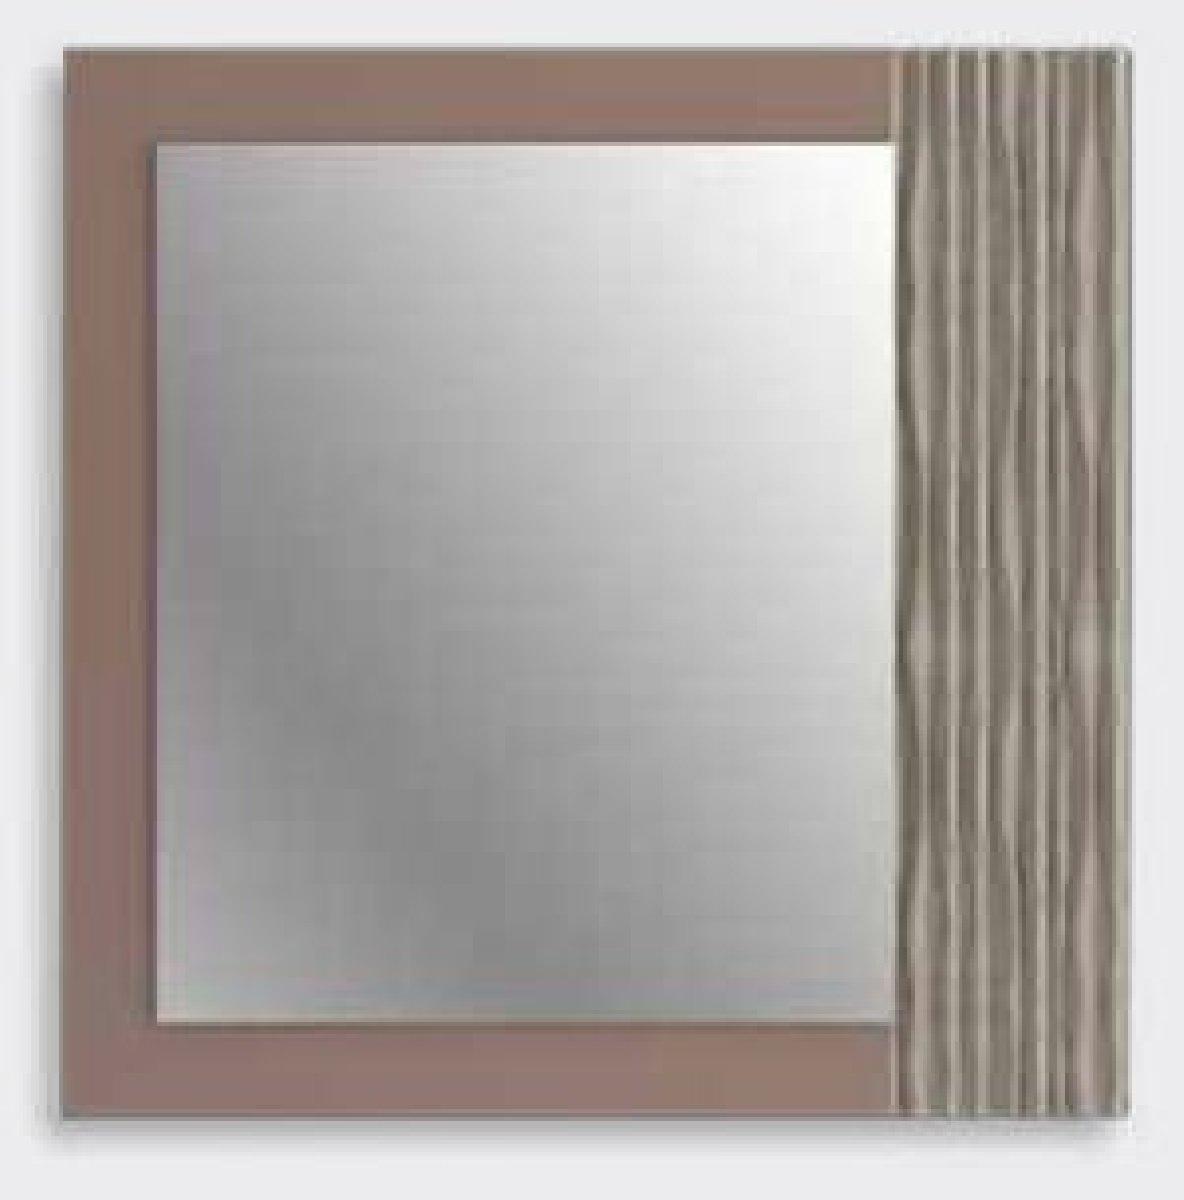 Зеркало NORA 3043.5 Disemobel